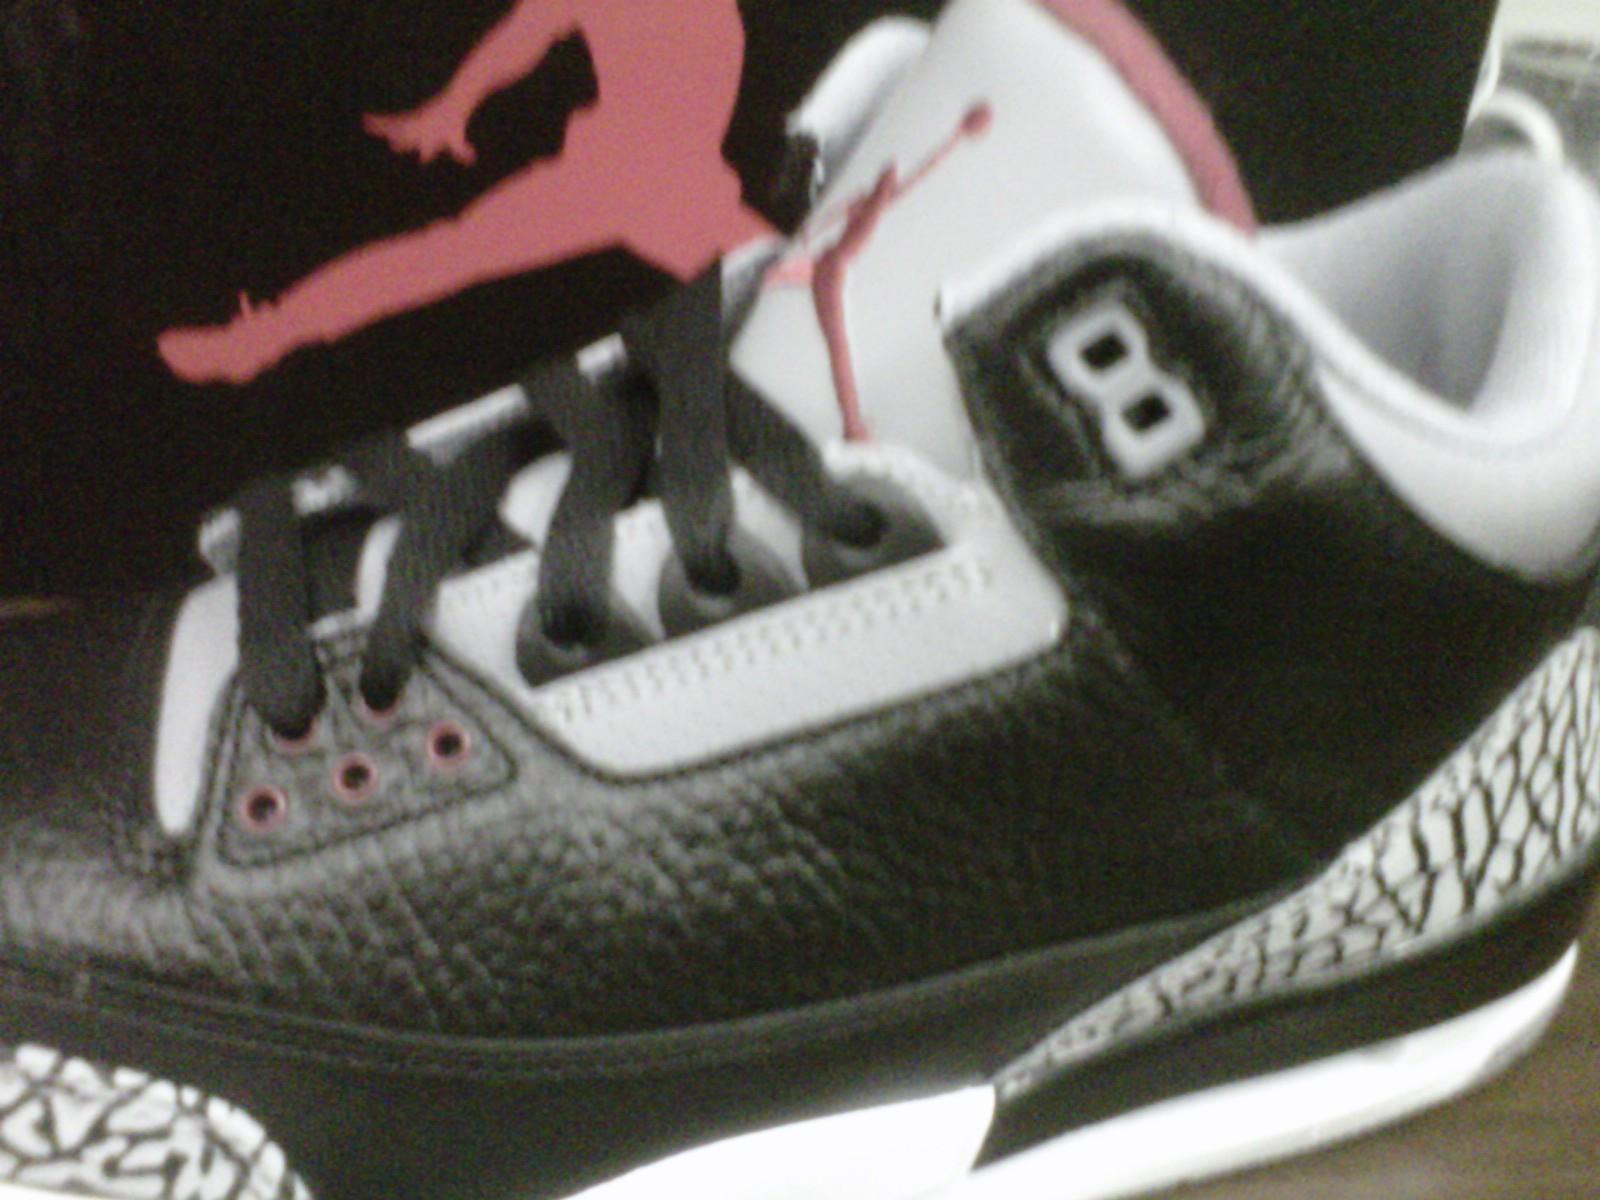 Air Jordan 3 Retro Cemento Negro 2011 De La Nfl kBYToFw